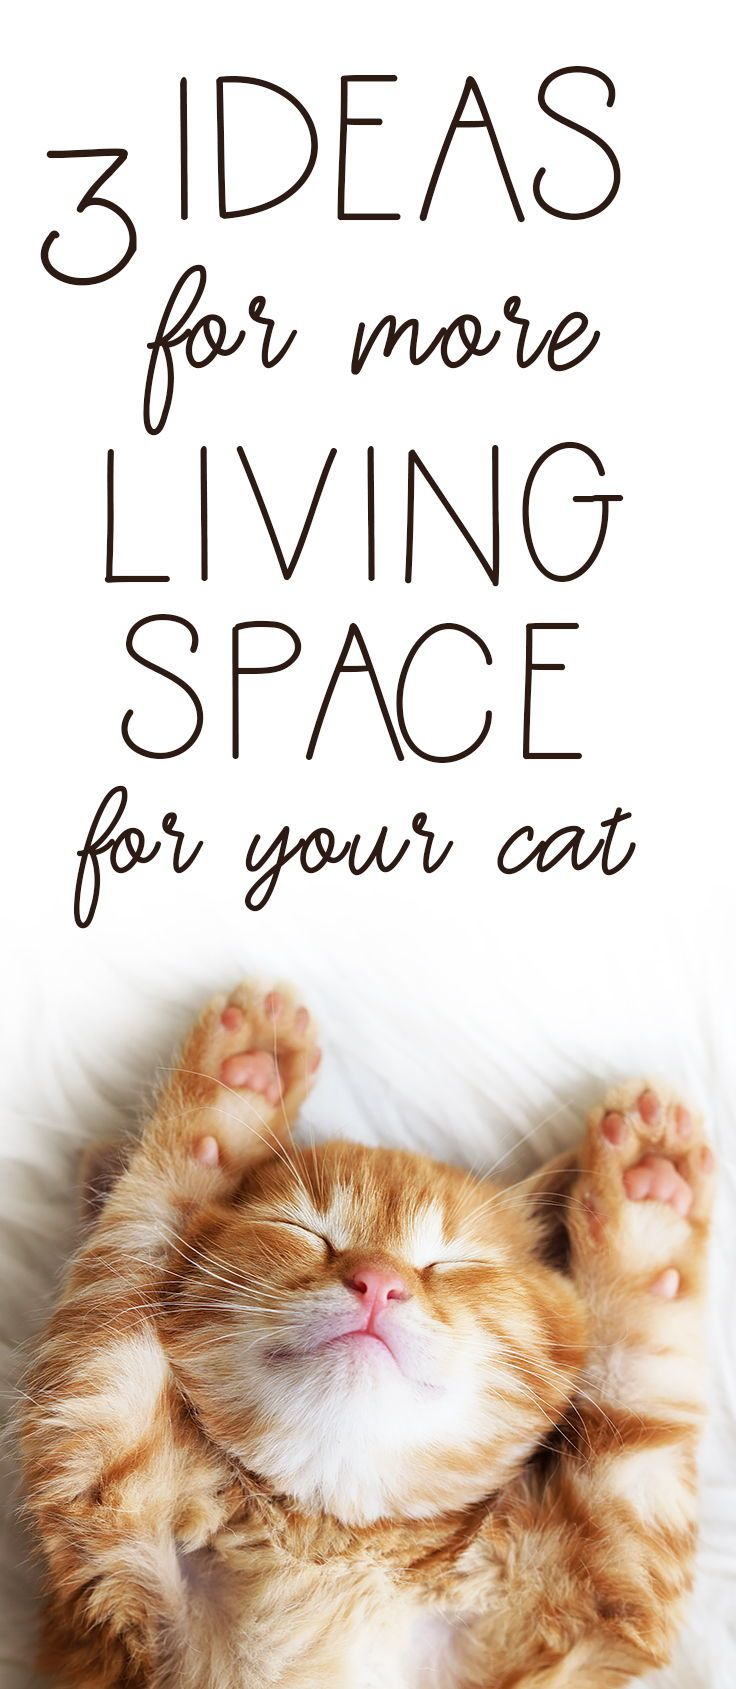 Best Space Saving Cat Litter Box Ideas Saving Cat Litter Box Cat And Dog Memes